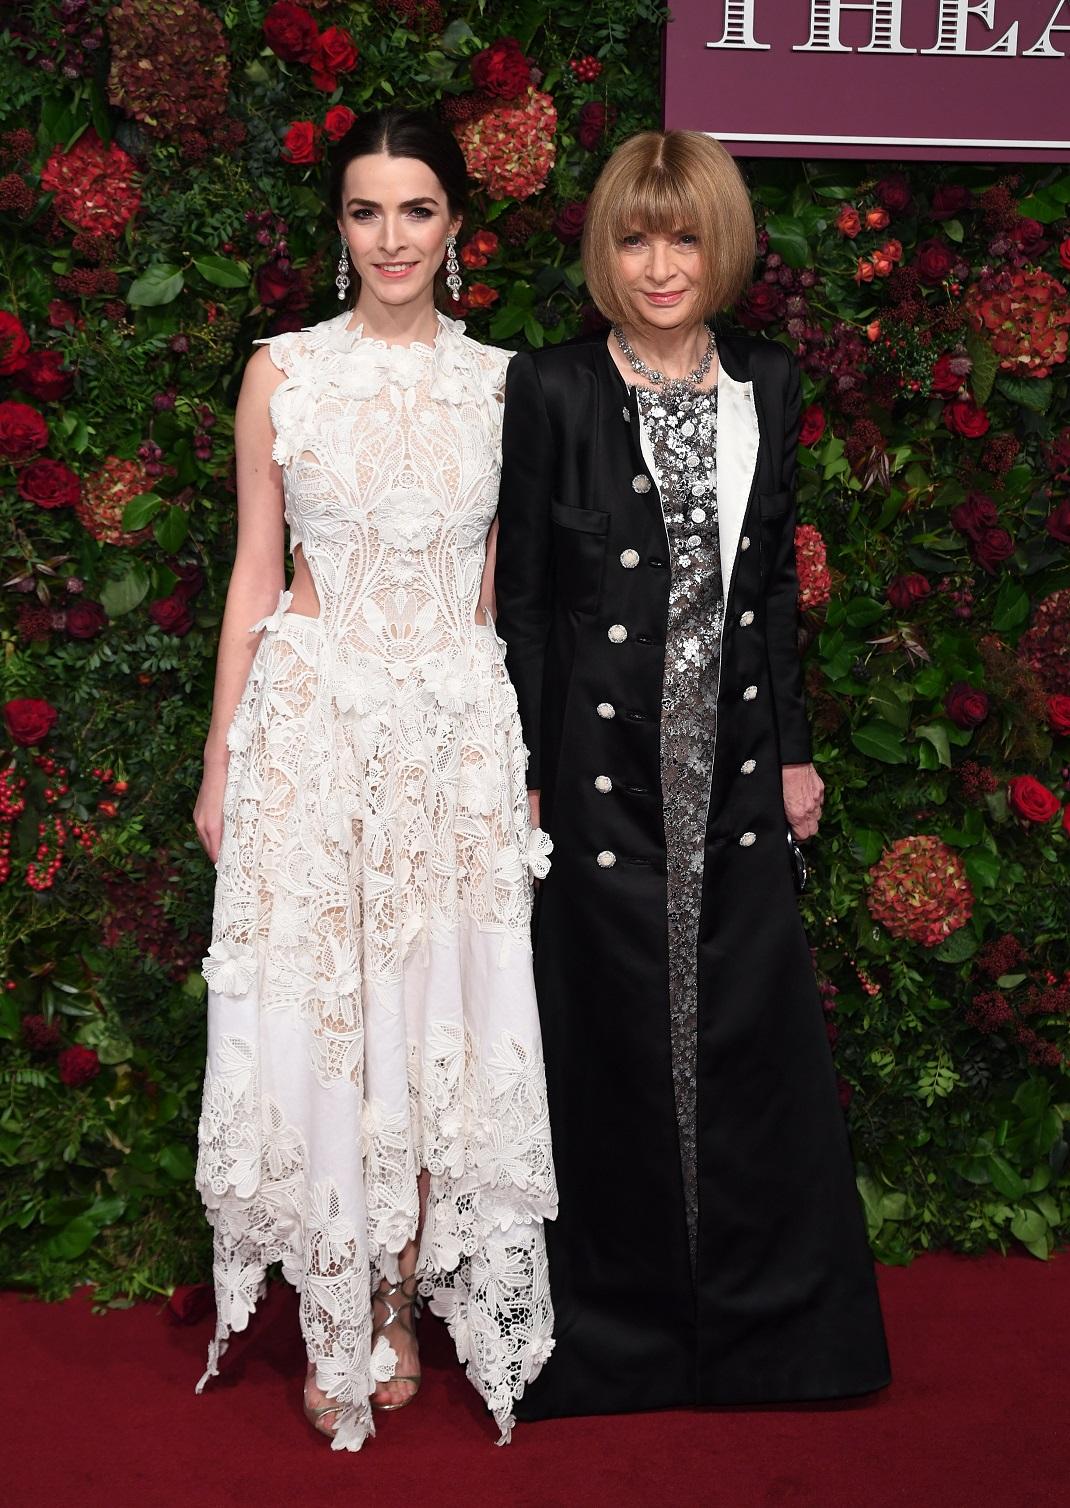 Η Άννα Γουίντουρ με την κόρη της Μπι Σάφερ